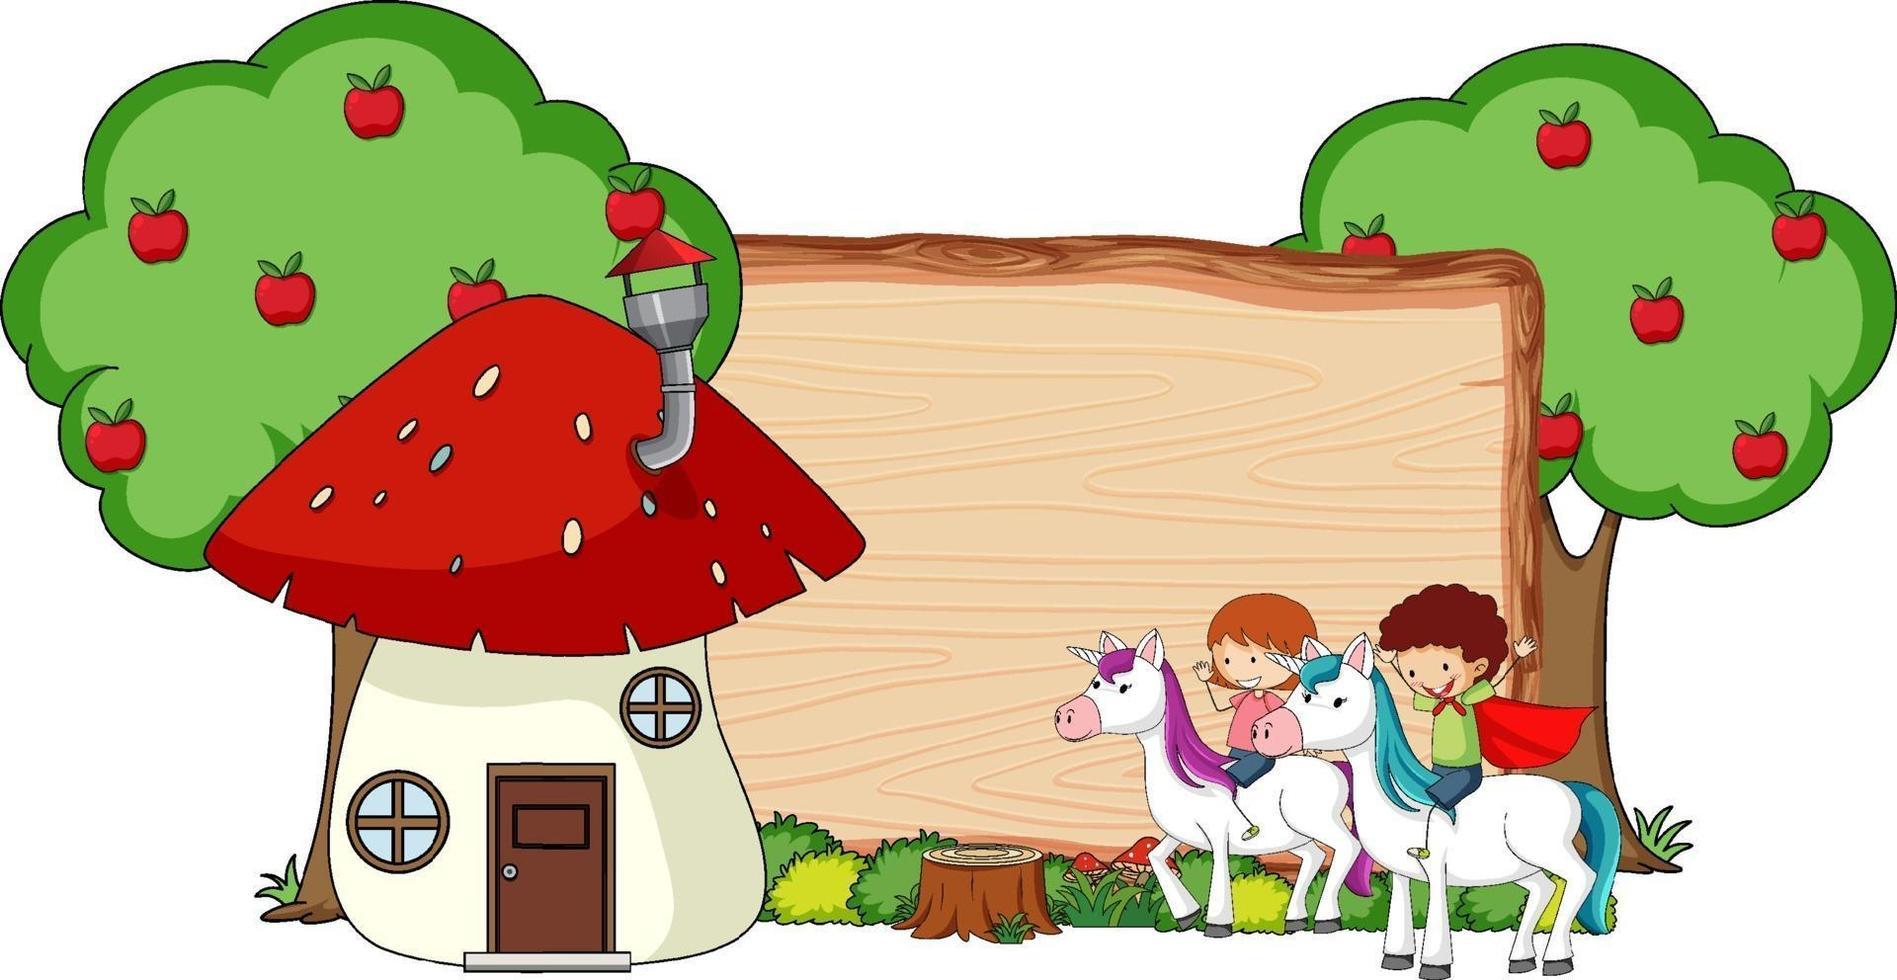 Banner de madera en blanco con personaje de dibujos animados de fantasía aislado vector